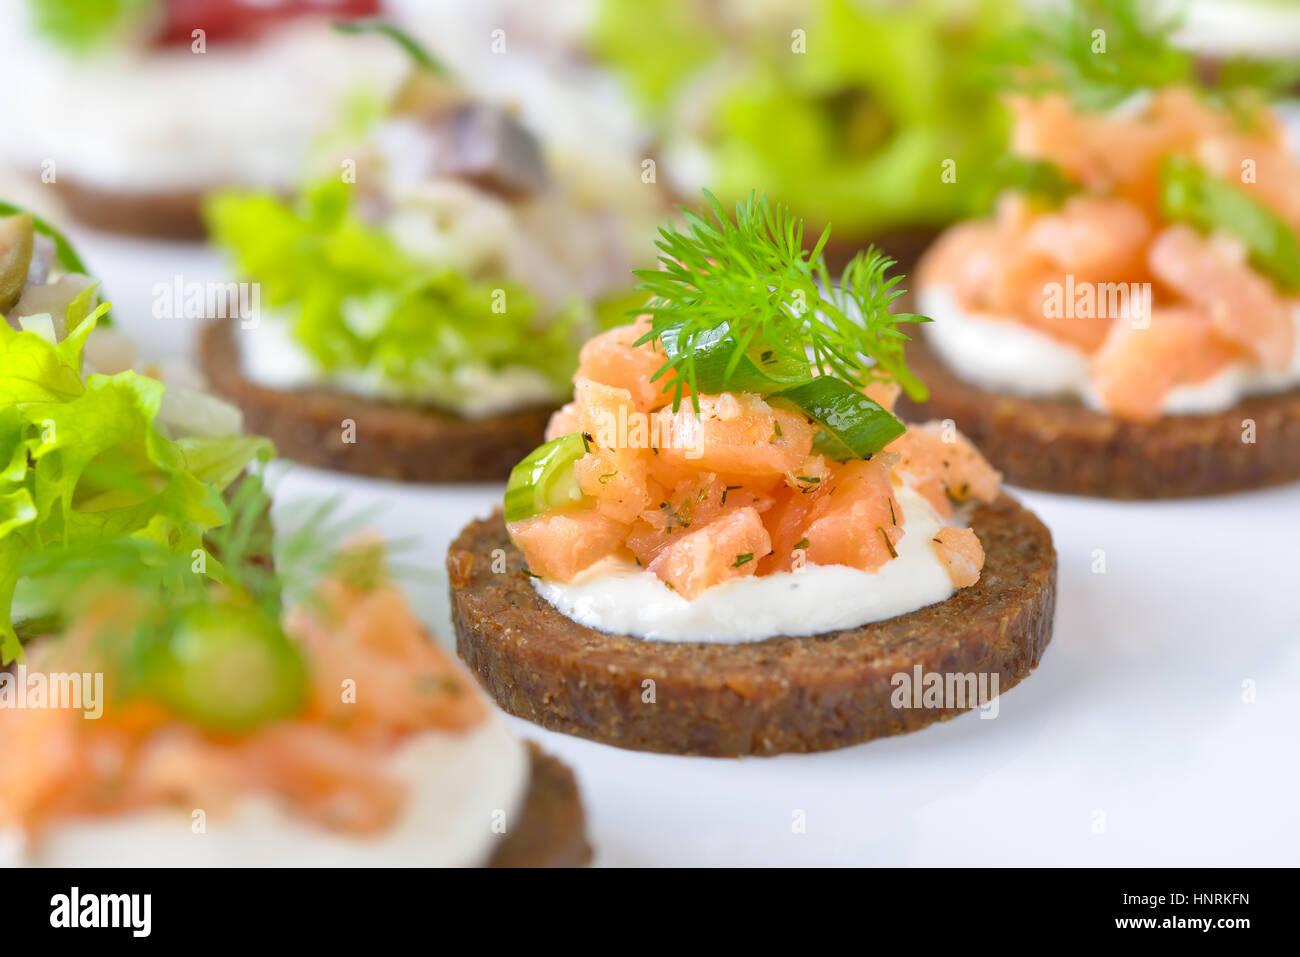 Lecker Fisch Fingerfood mit geräuchertem Lachs Tartar auf Meerrettich, Forellen-Mousse mit Preiselbeeren und Stockbild